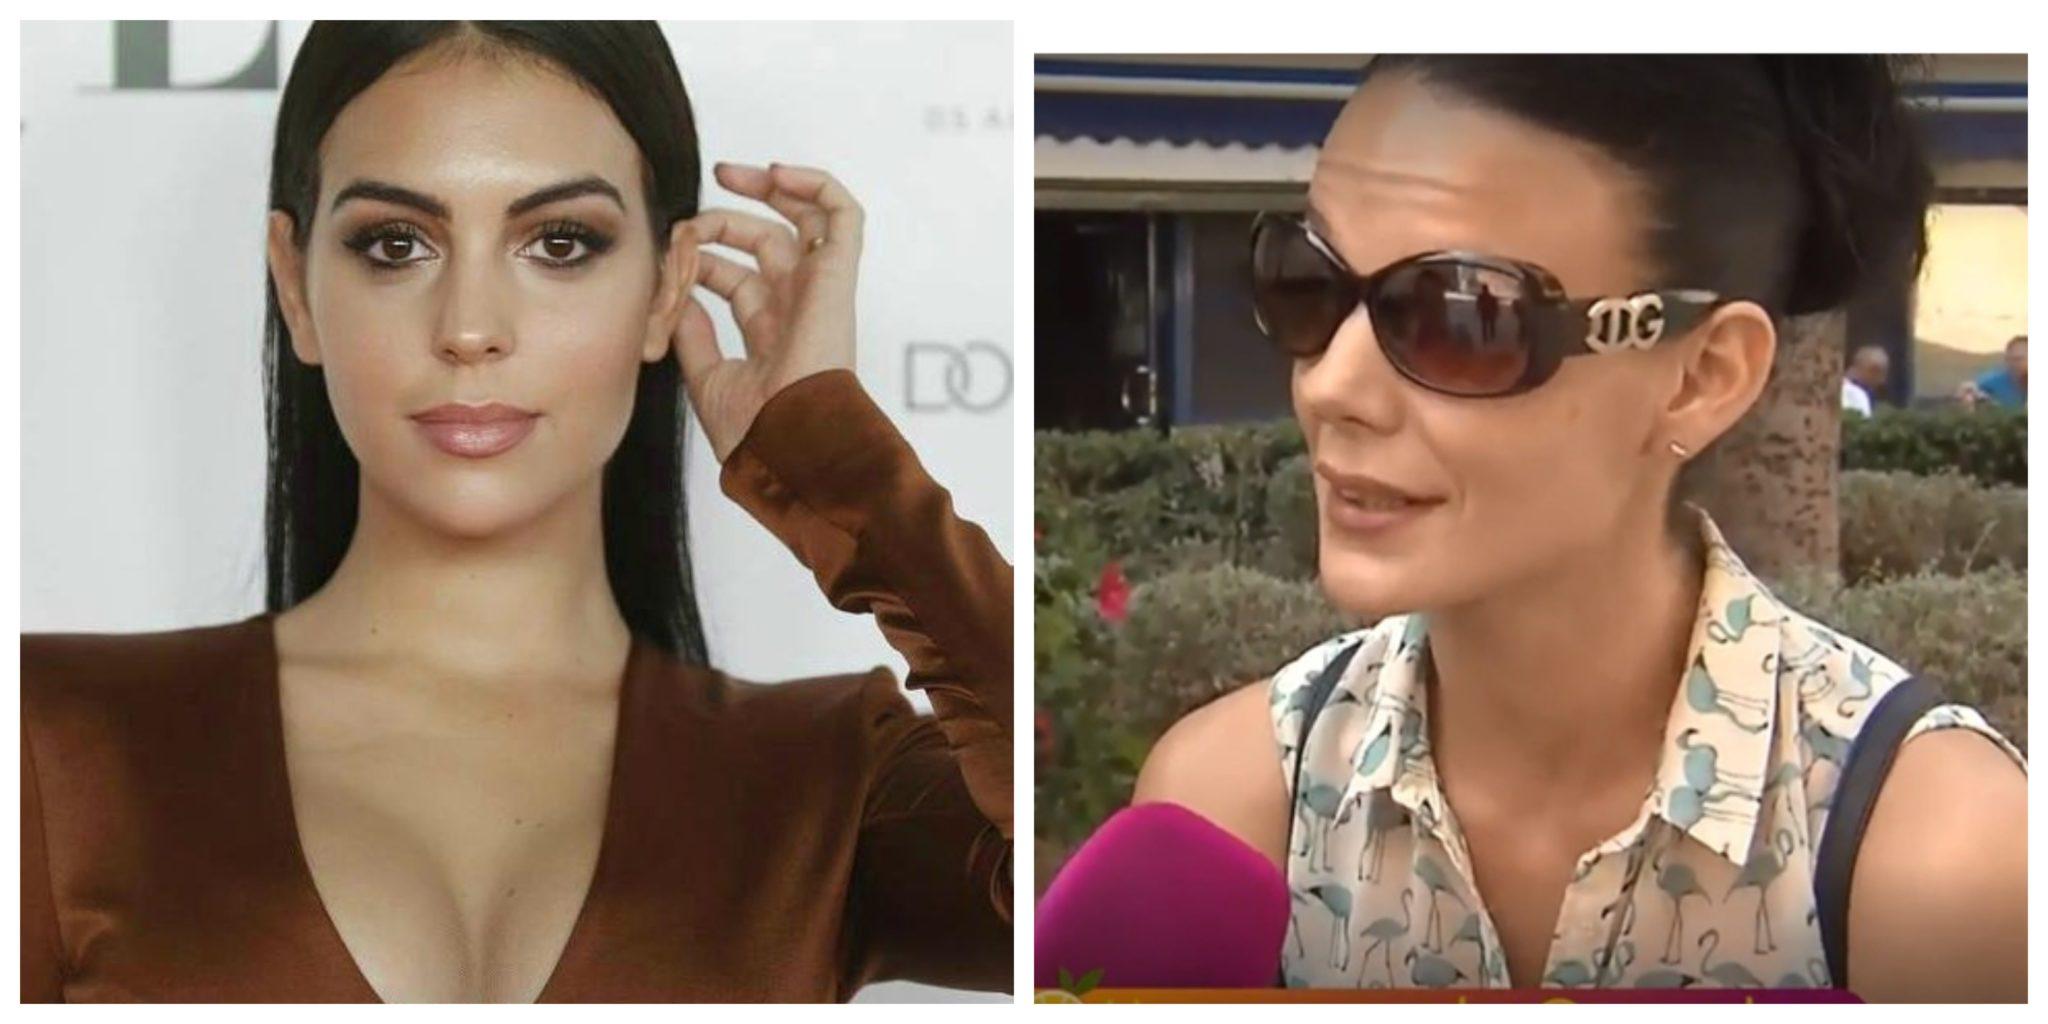 Georgina Rodríguez Polémica! Irmã De Georgina Rodríguez Vai Entrar No 'Big Brother Vip' Espanhol